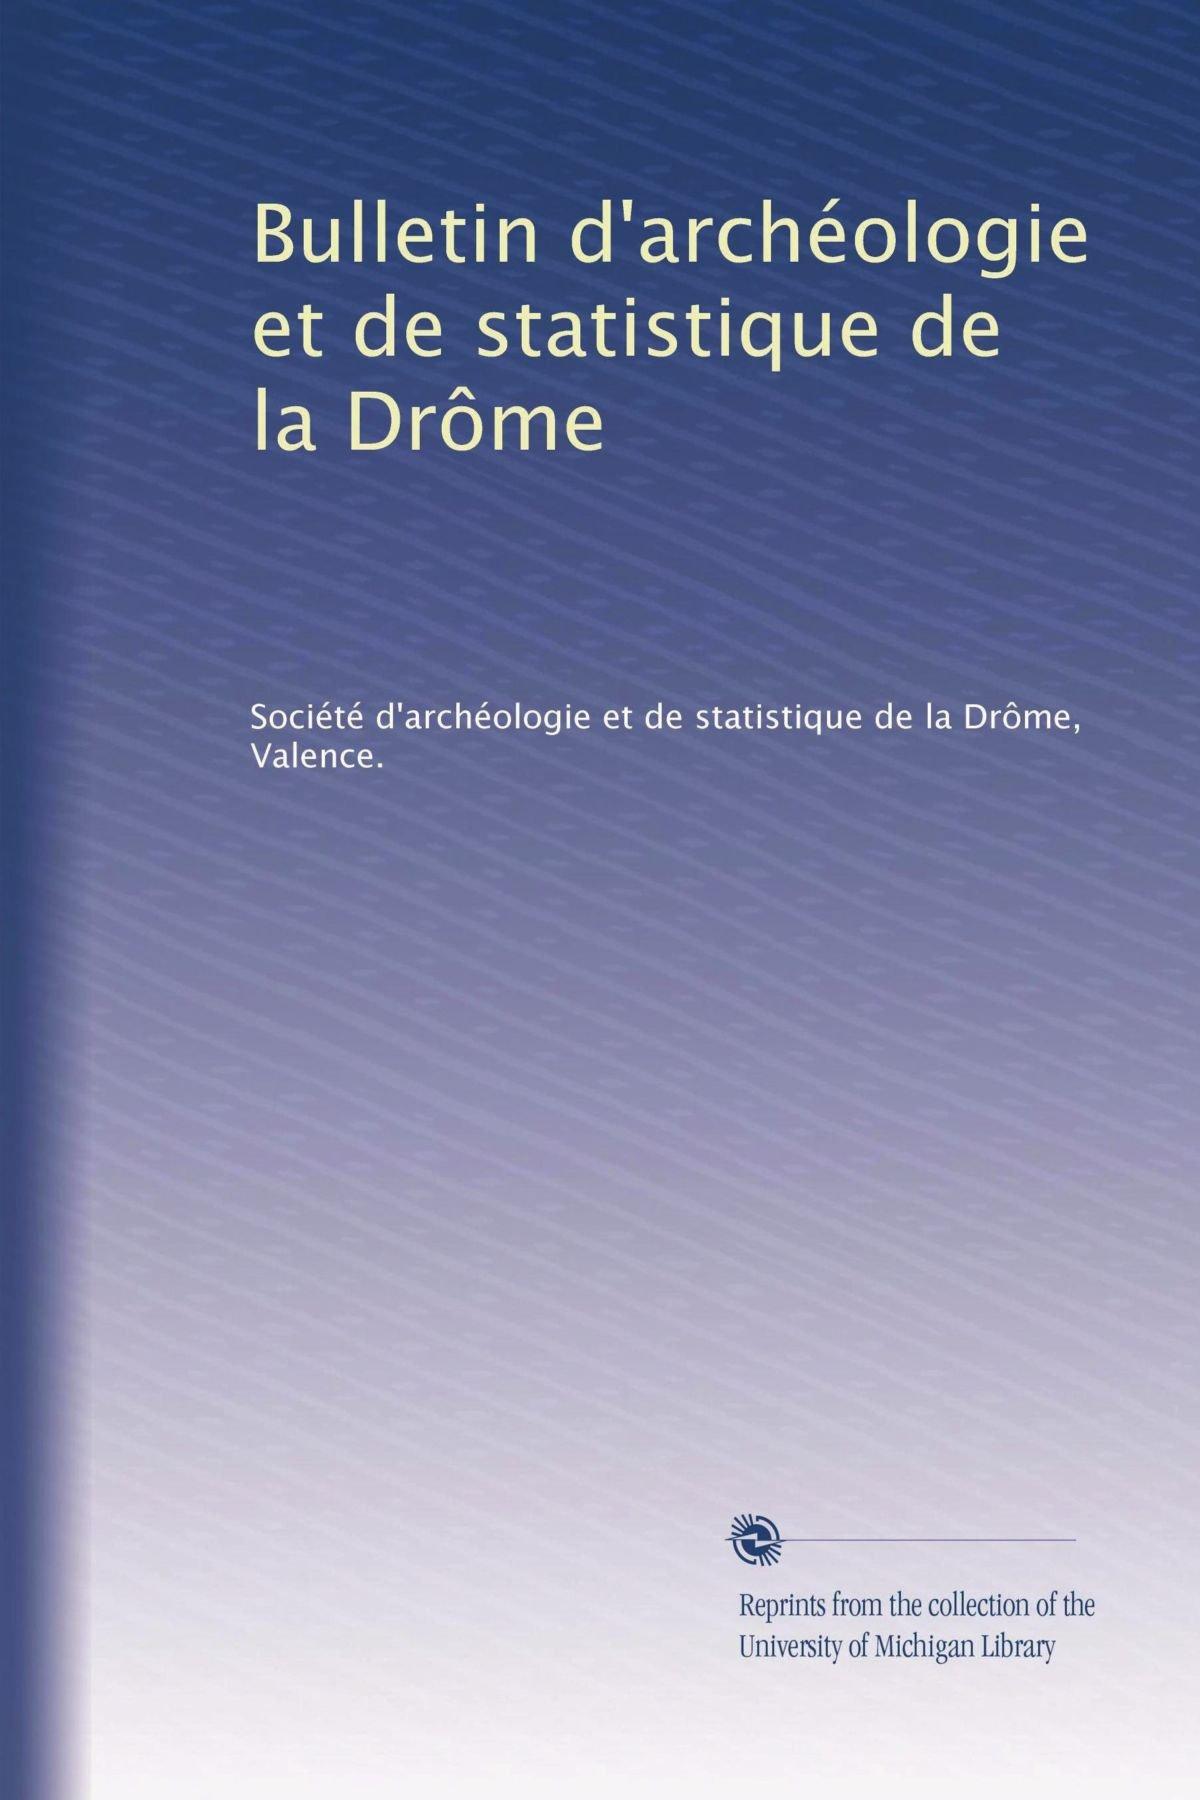 Read Online Bulletin d'archéologie et de statistique de la Drôme (Volume 34) (French Edition) PDF